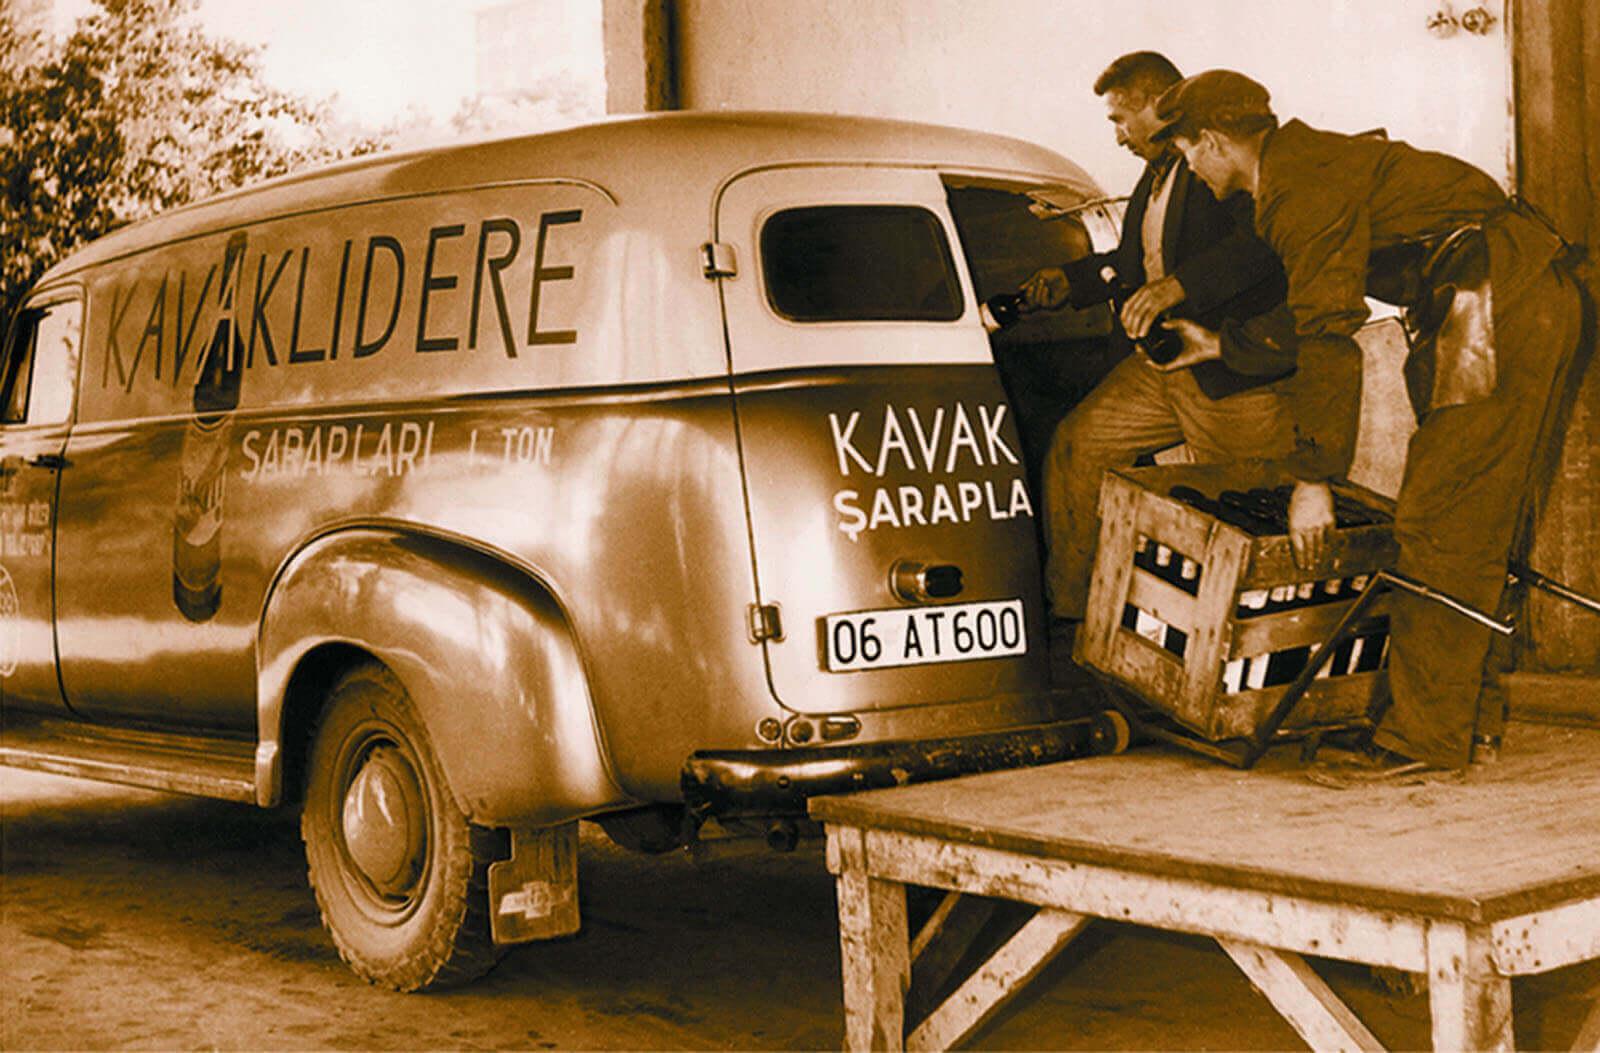 camionnette de livraison de vin kavaklidere